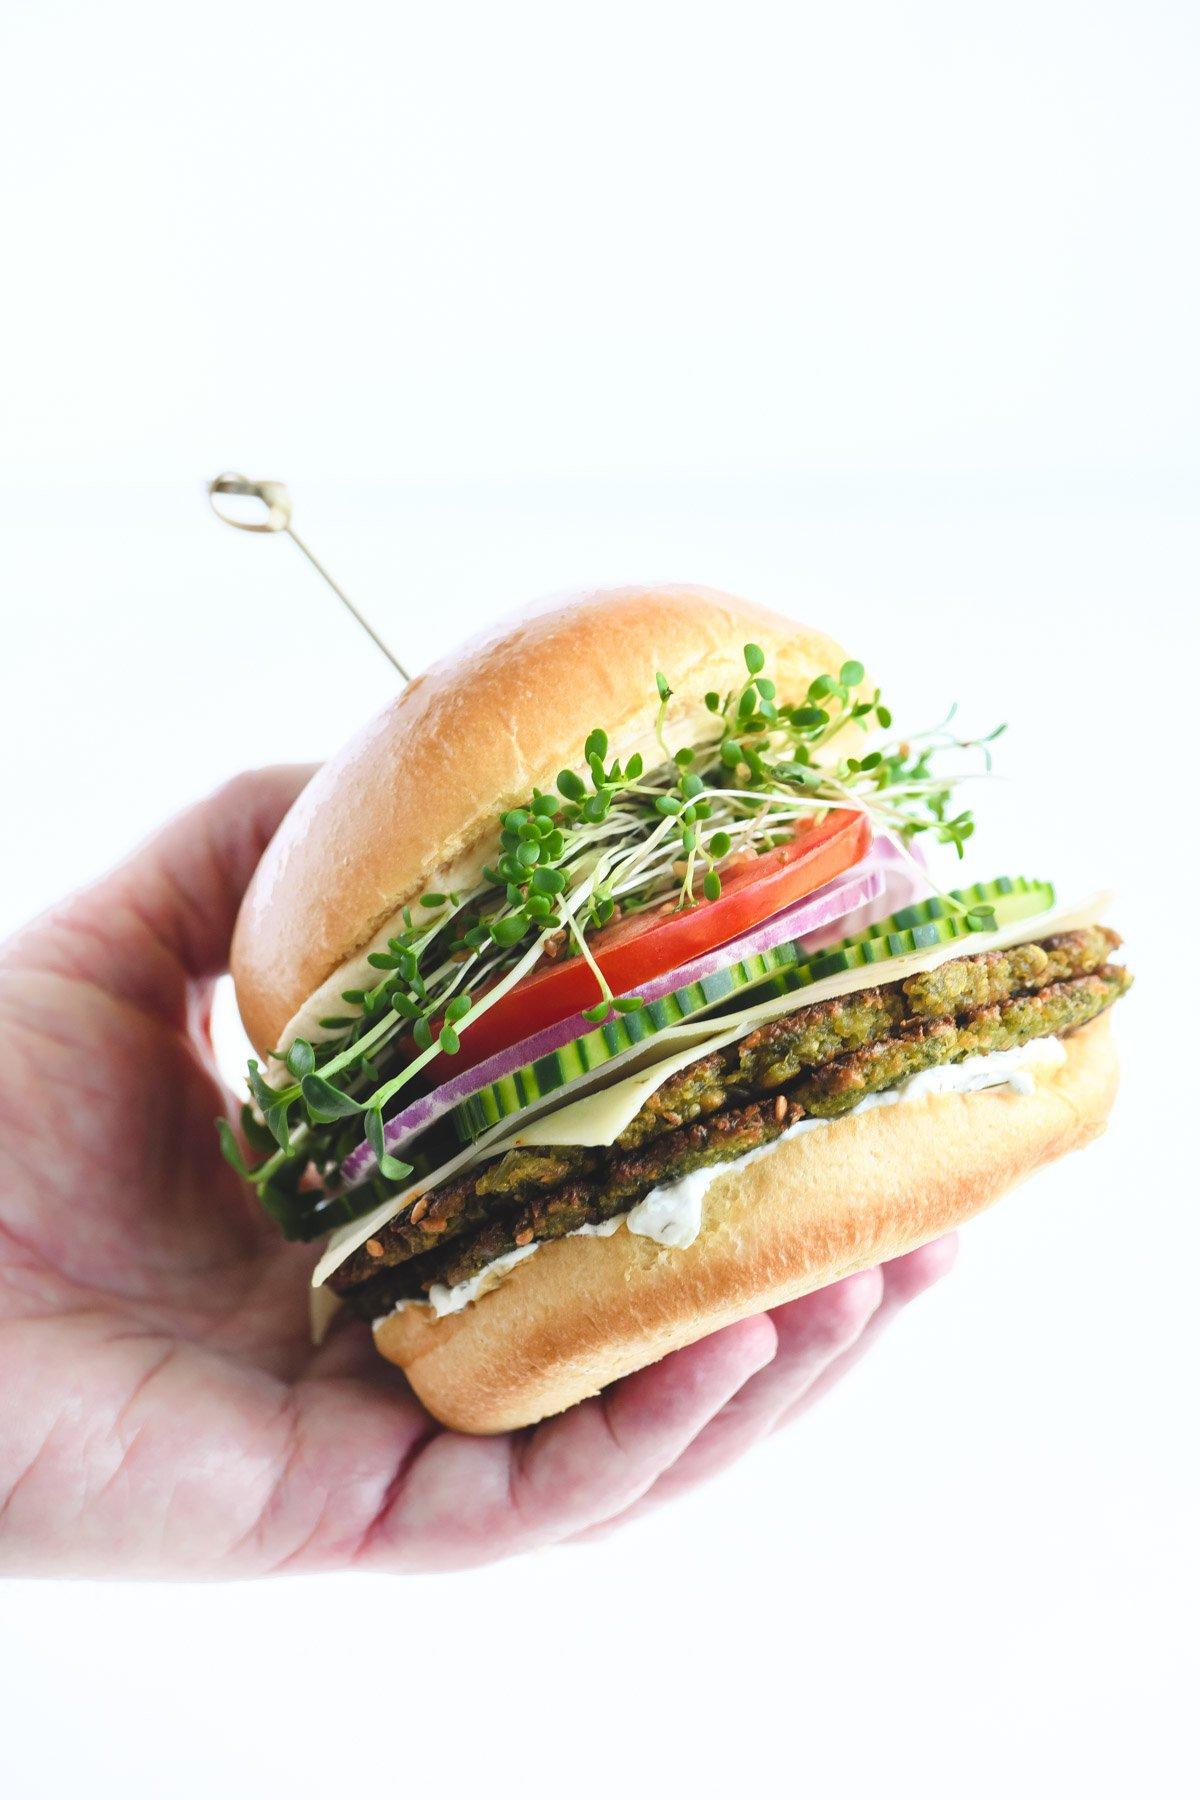 holding a falafel burger